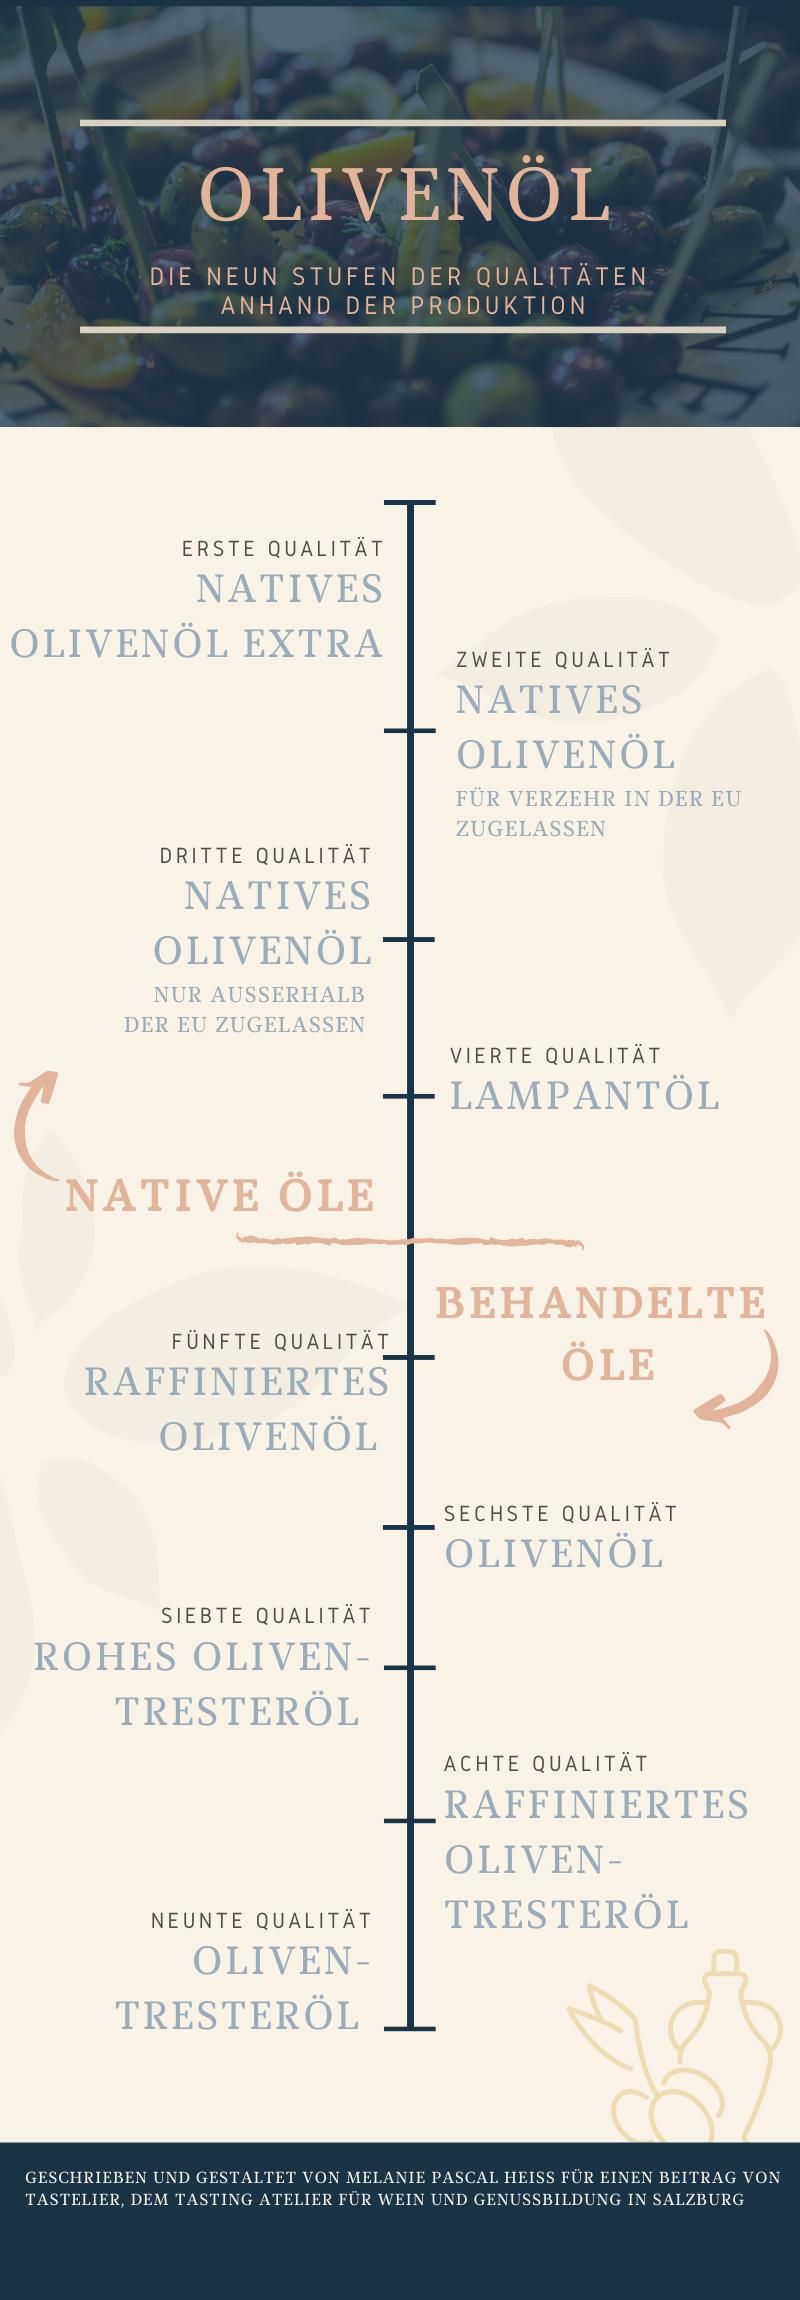 In diese Infografik sehen wir absteigend die Qualitäten von Olivenöl vom besten zum schlechtesten.